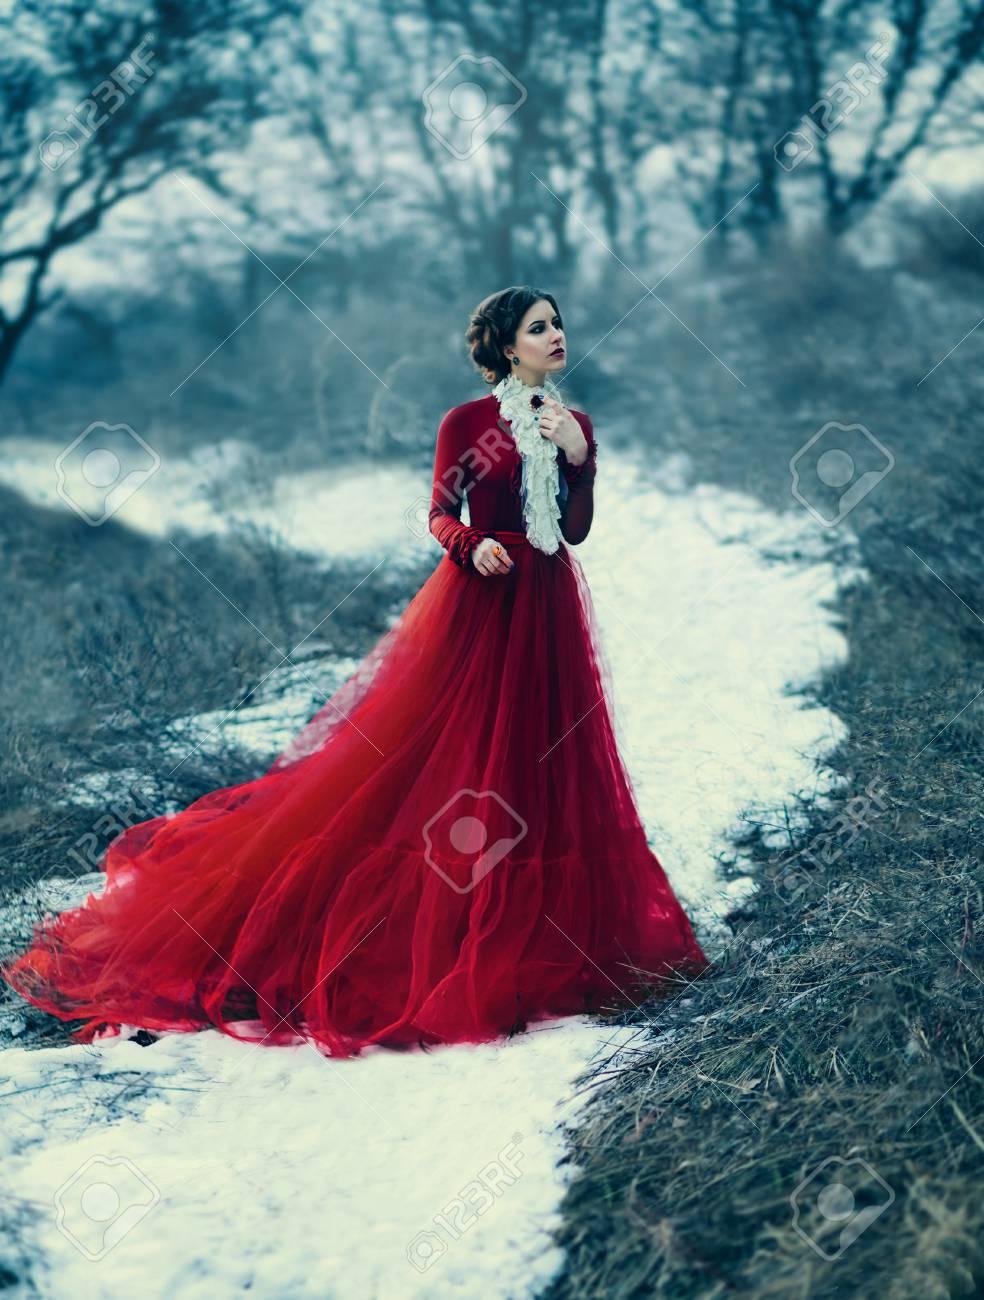 Linda Chica En Vestido Rojo De Lujo Tonificación De Moda